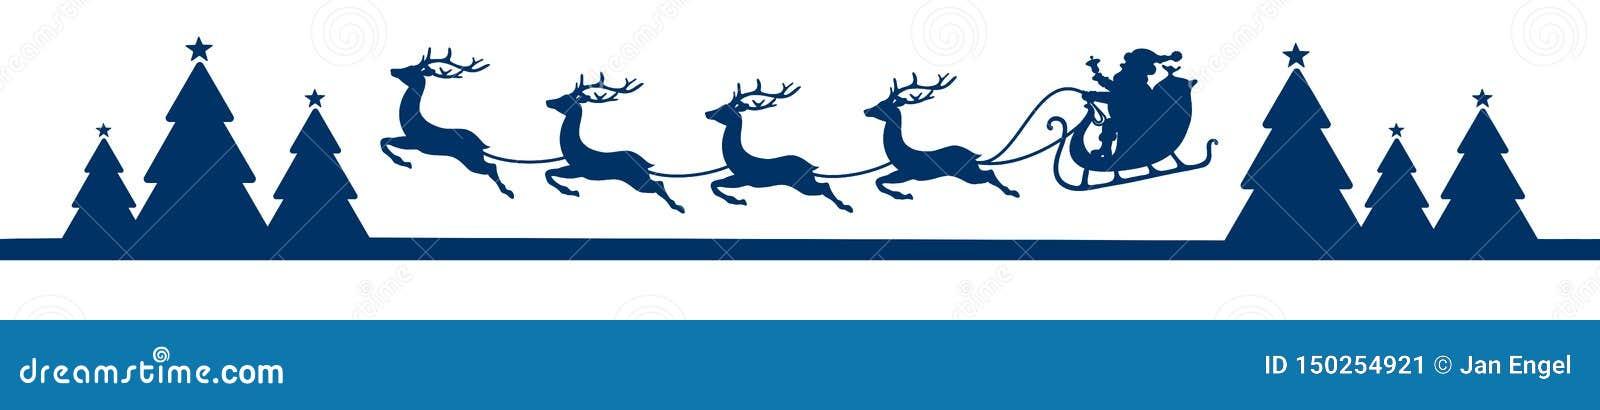 与森林蓝色的横幅飞行的圣诞节雪橇